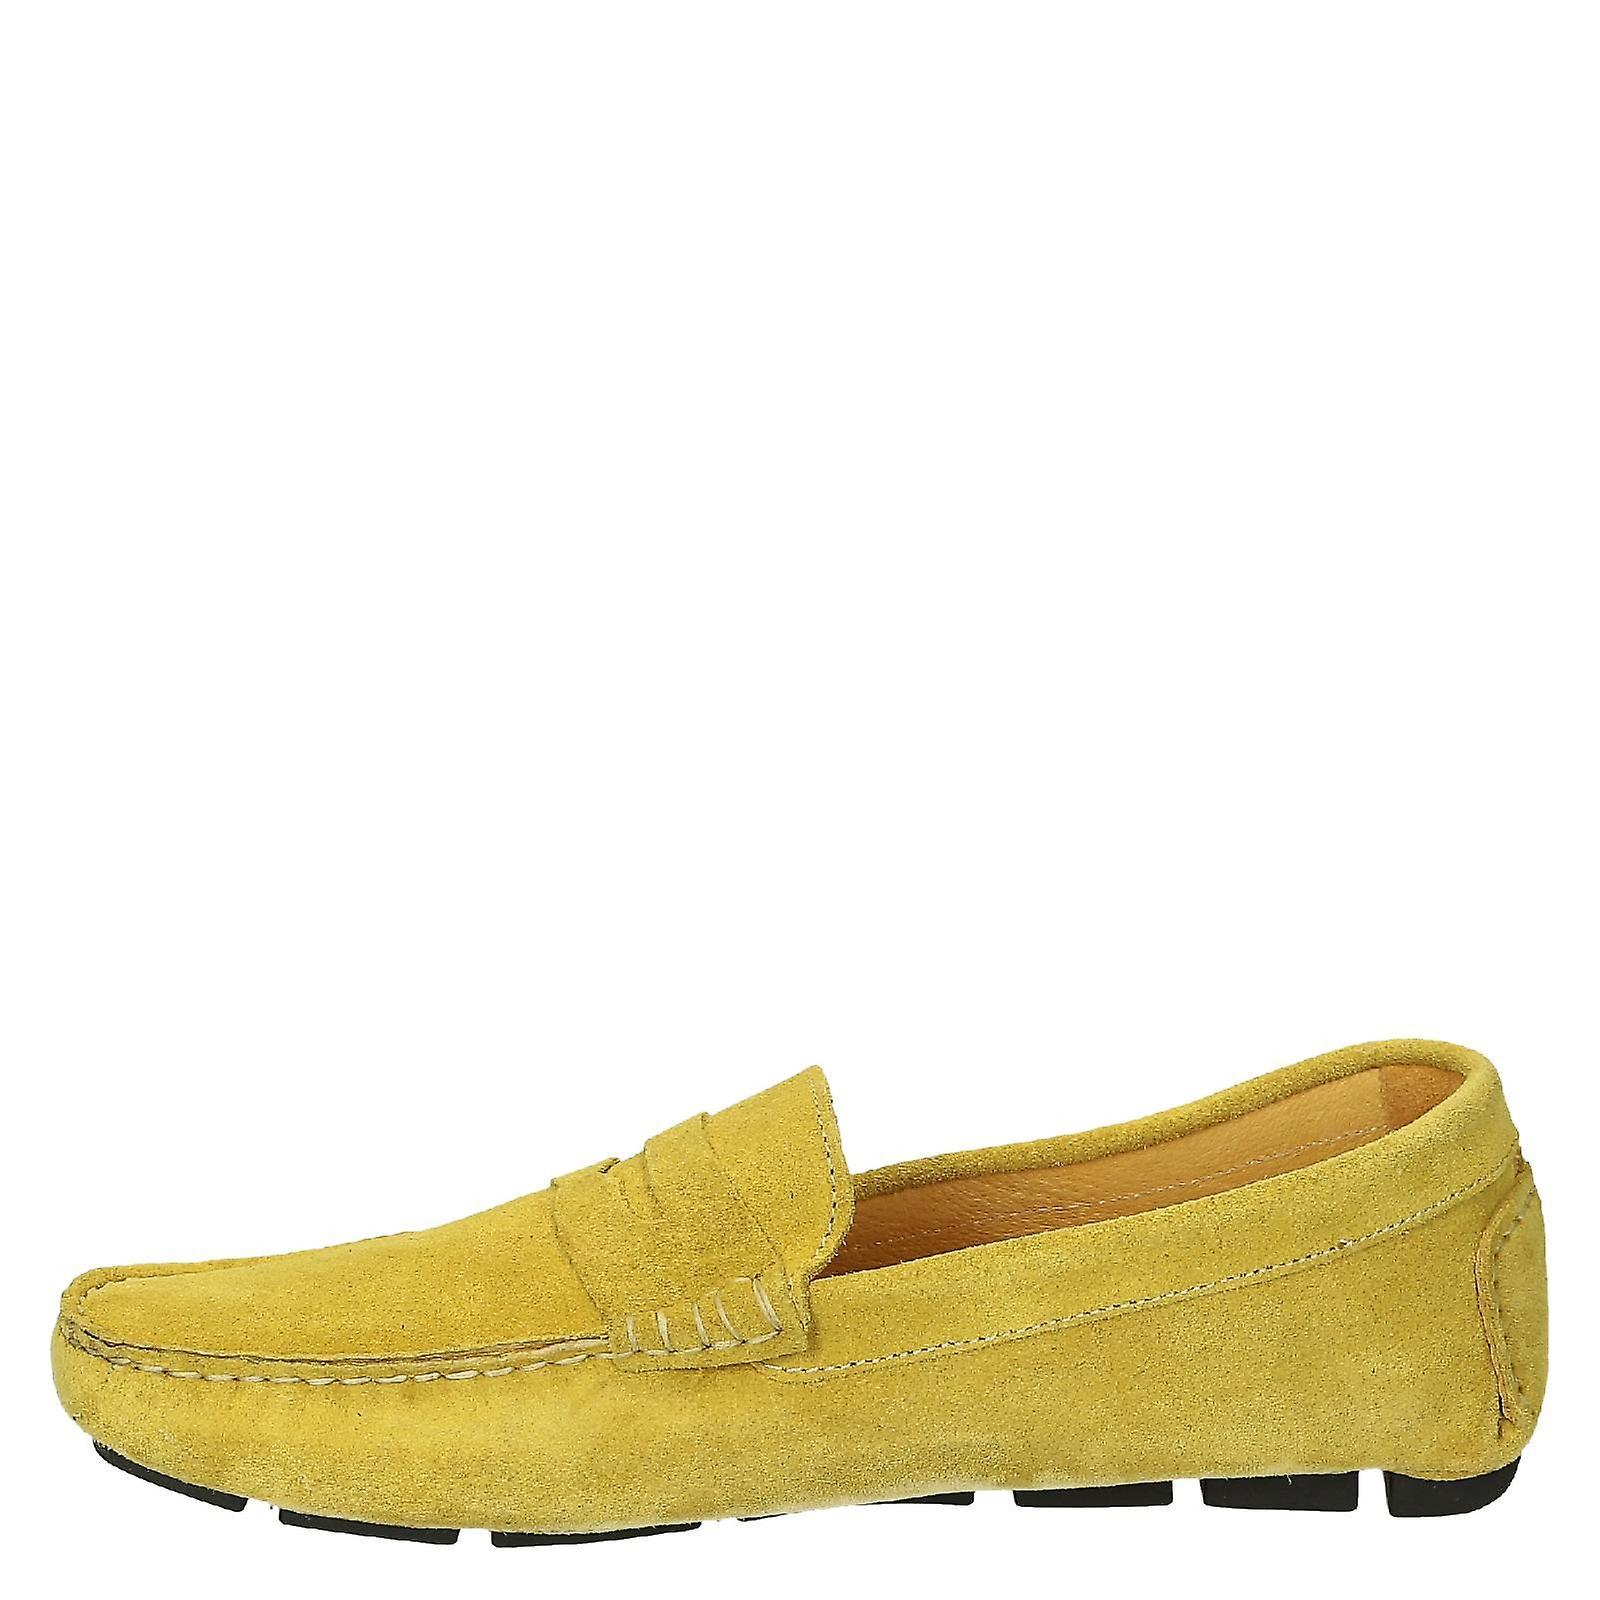 Cuir de daim jaune chaussures mocassins de conduite pour les hommes